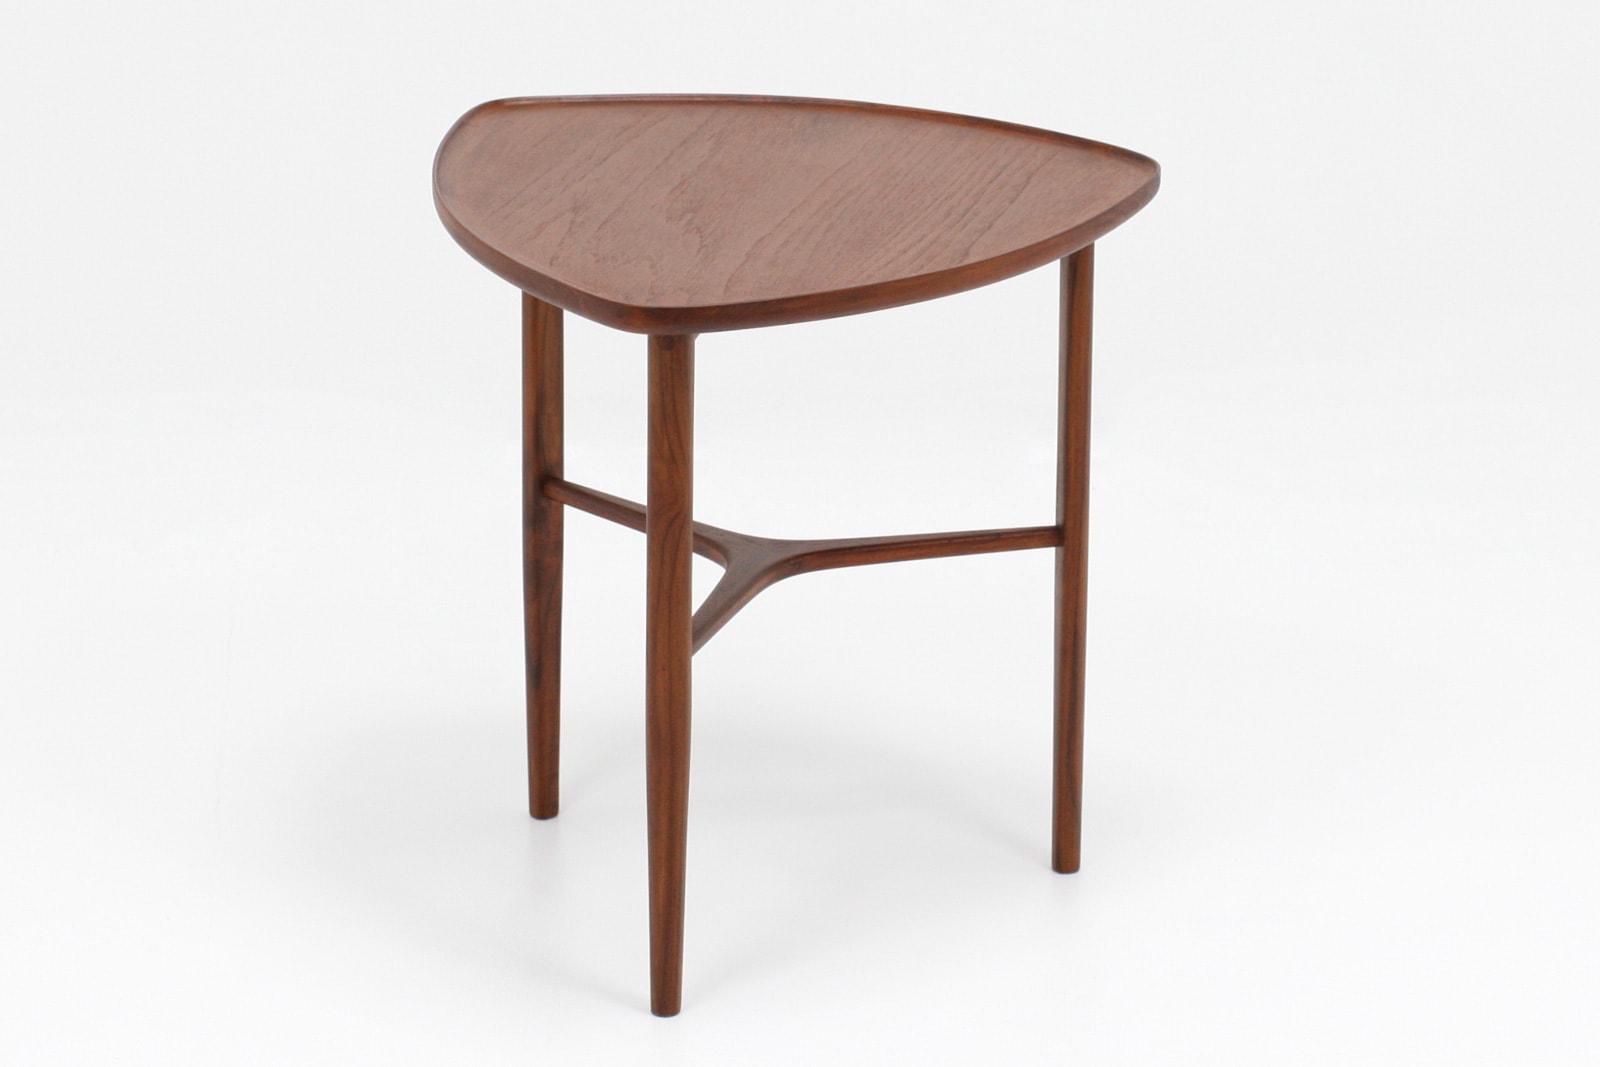 サイドテーブル,北欧,デンマーク,クロッケン,家具